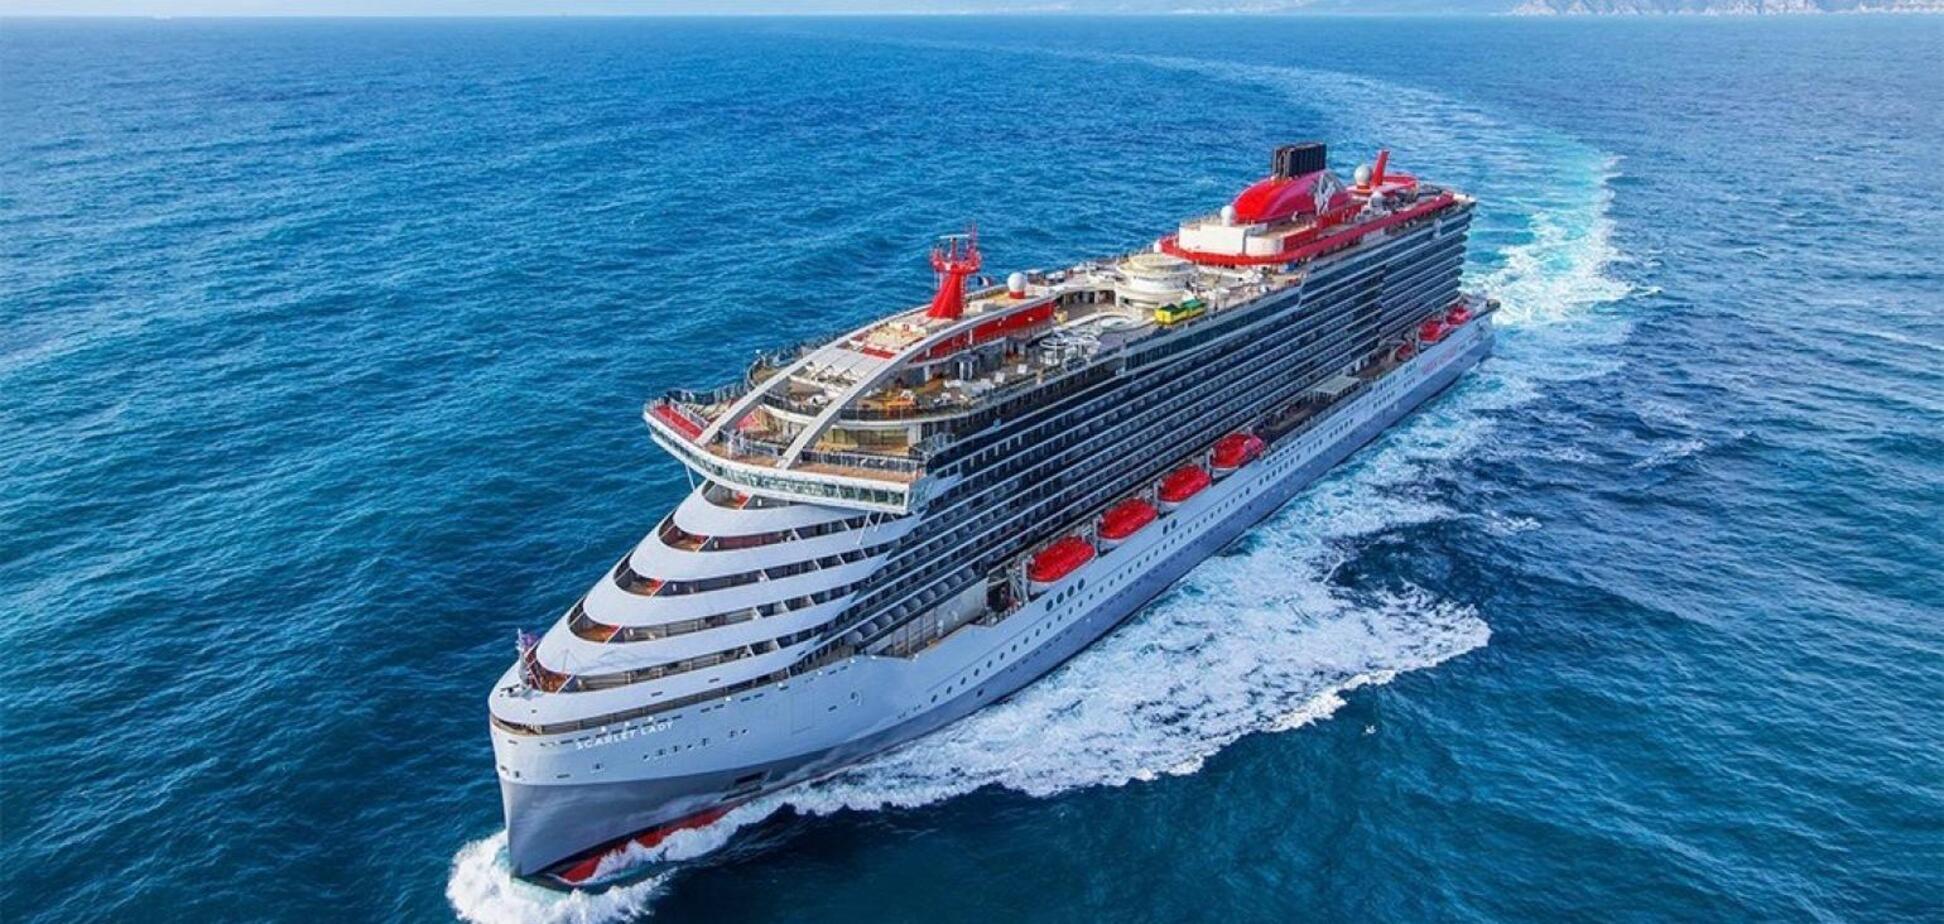 Испания начнет принимать туристические лайнеры: названа дата